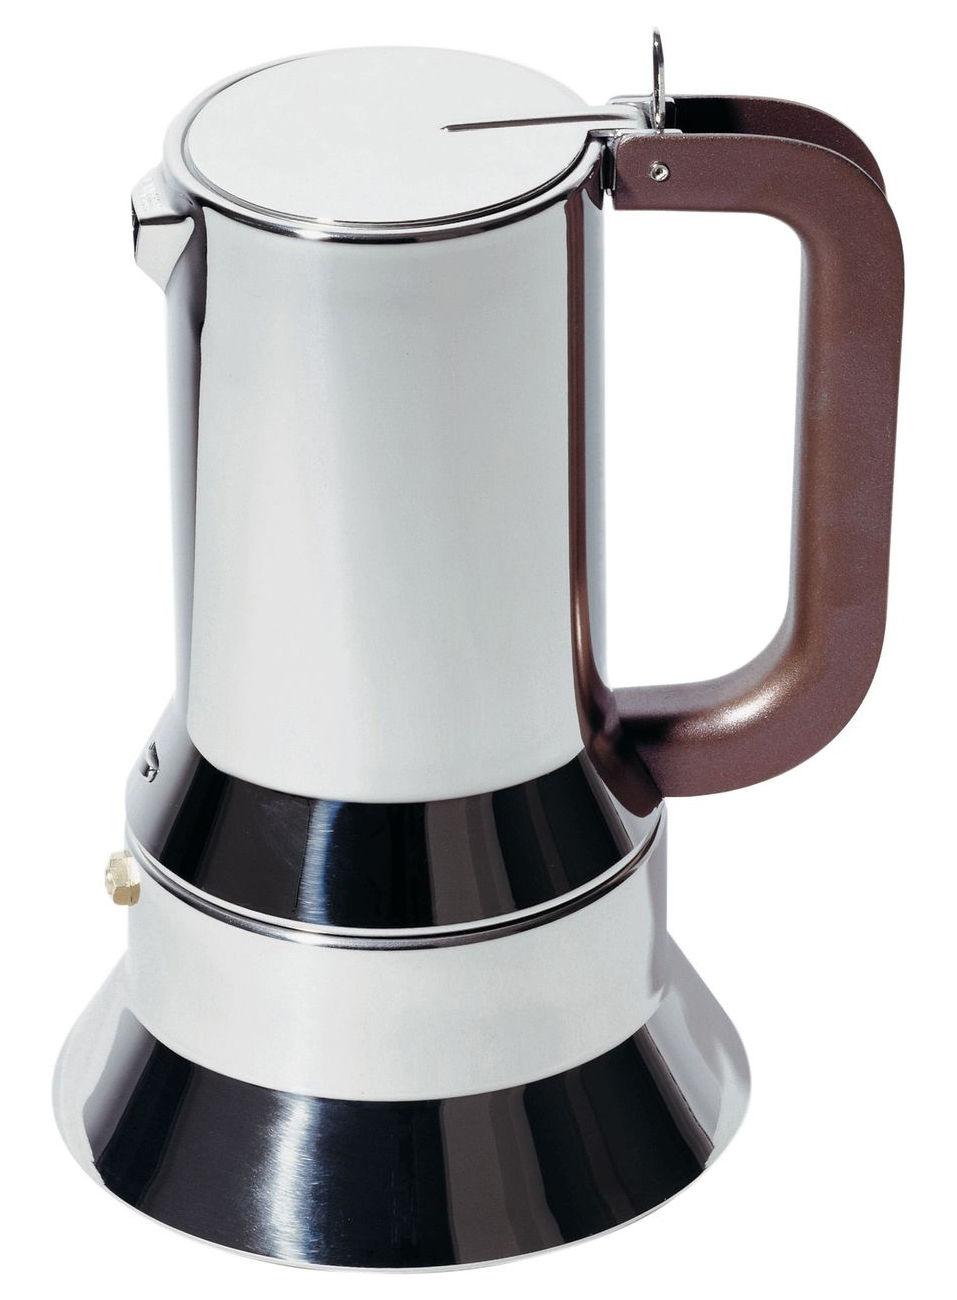 Tischkultur - Tee und Kaffee - 9090 italienischer Kaffeebereiter 1 bis 3 Tassen - Alessi - 1 bis 3 Tassen - rostfreier Stahl